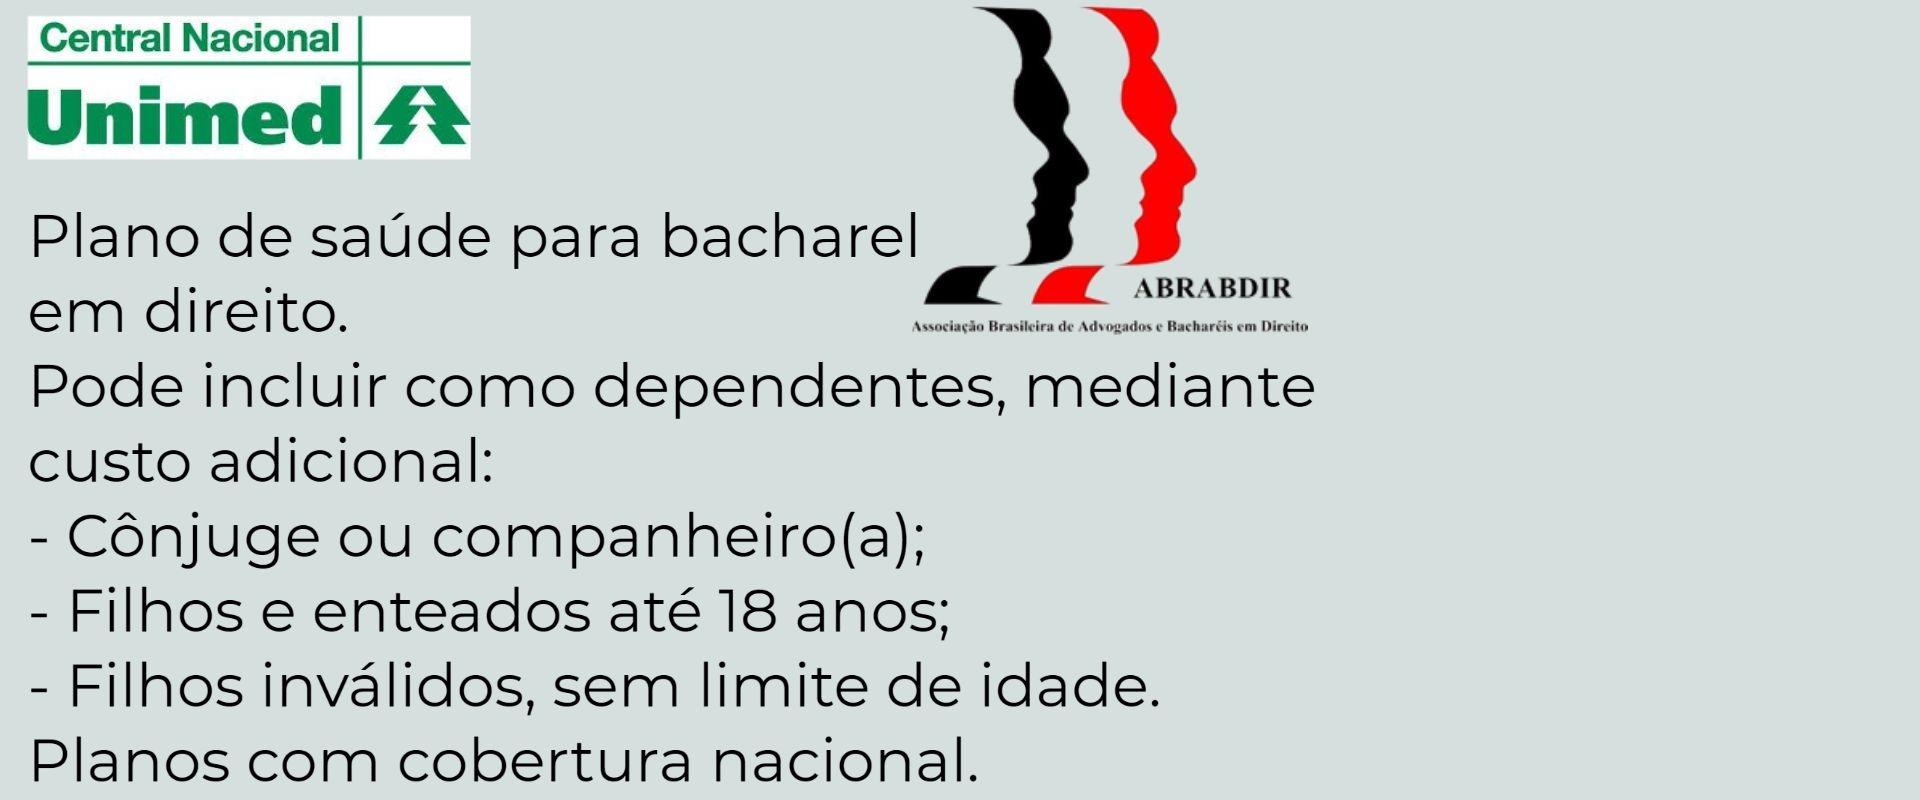 Unimed ABRABDIR Jaú